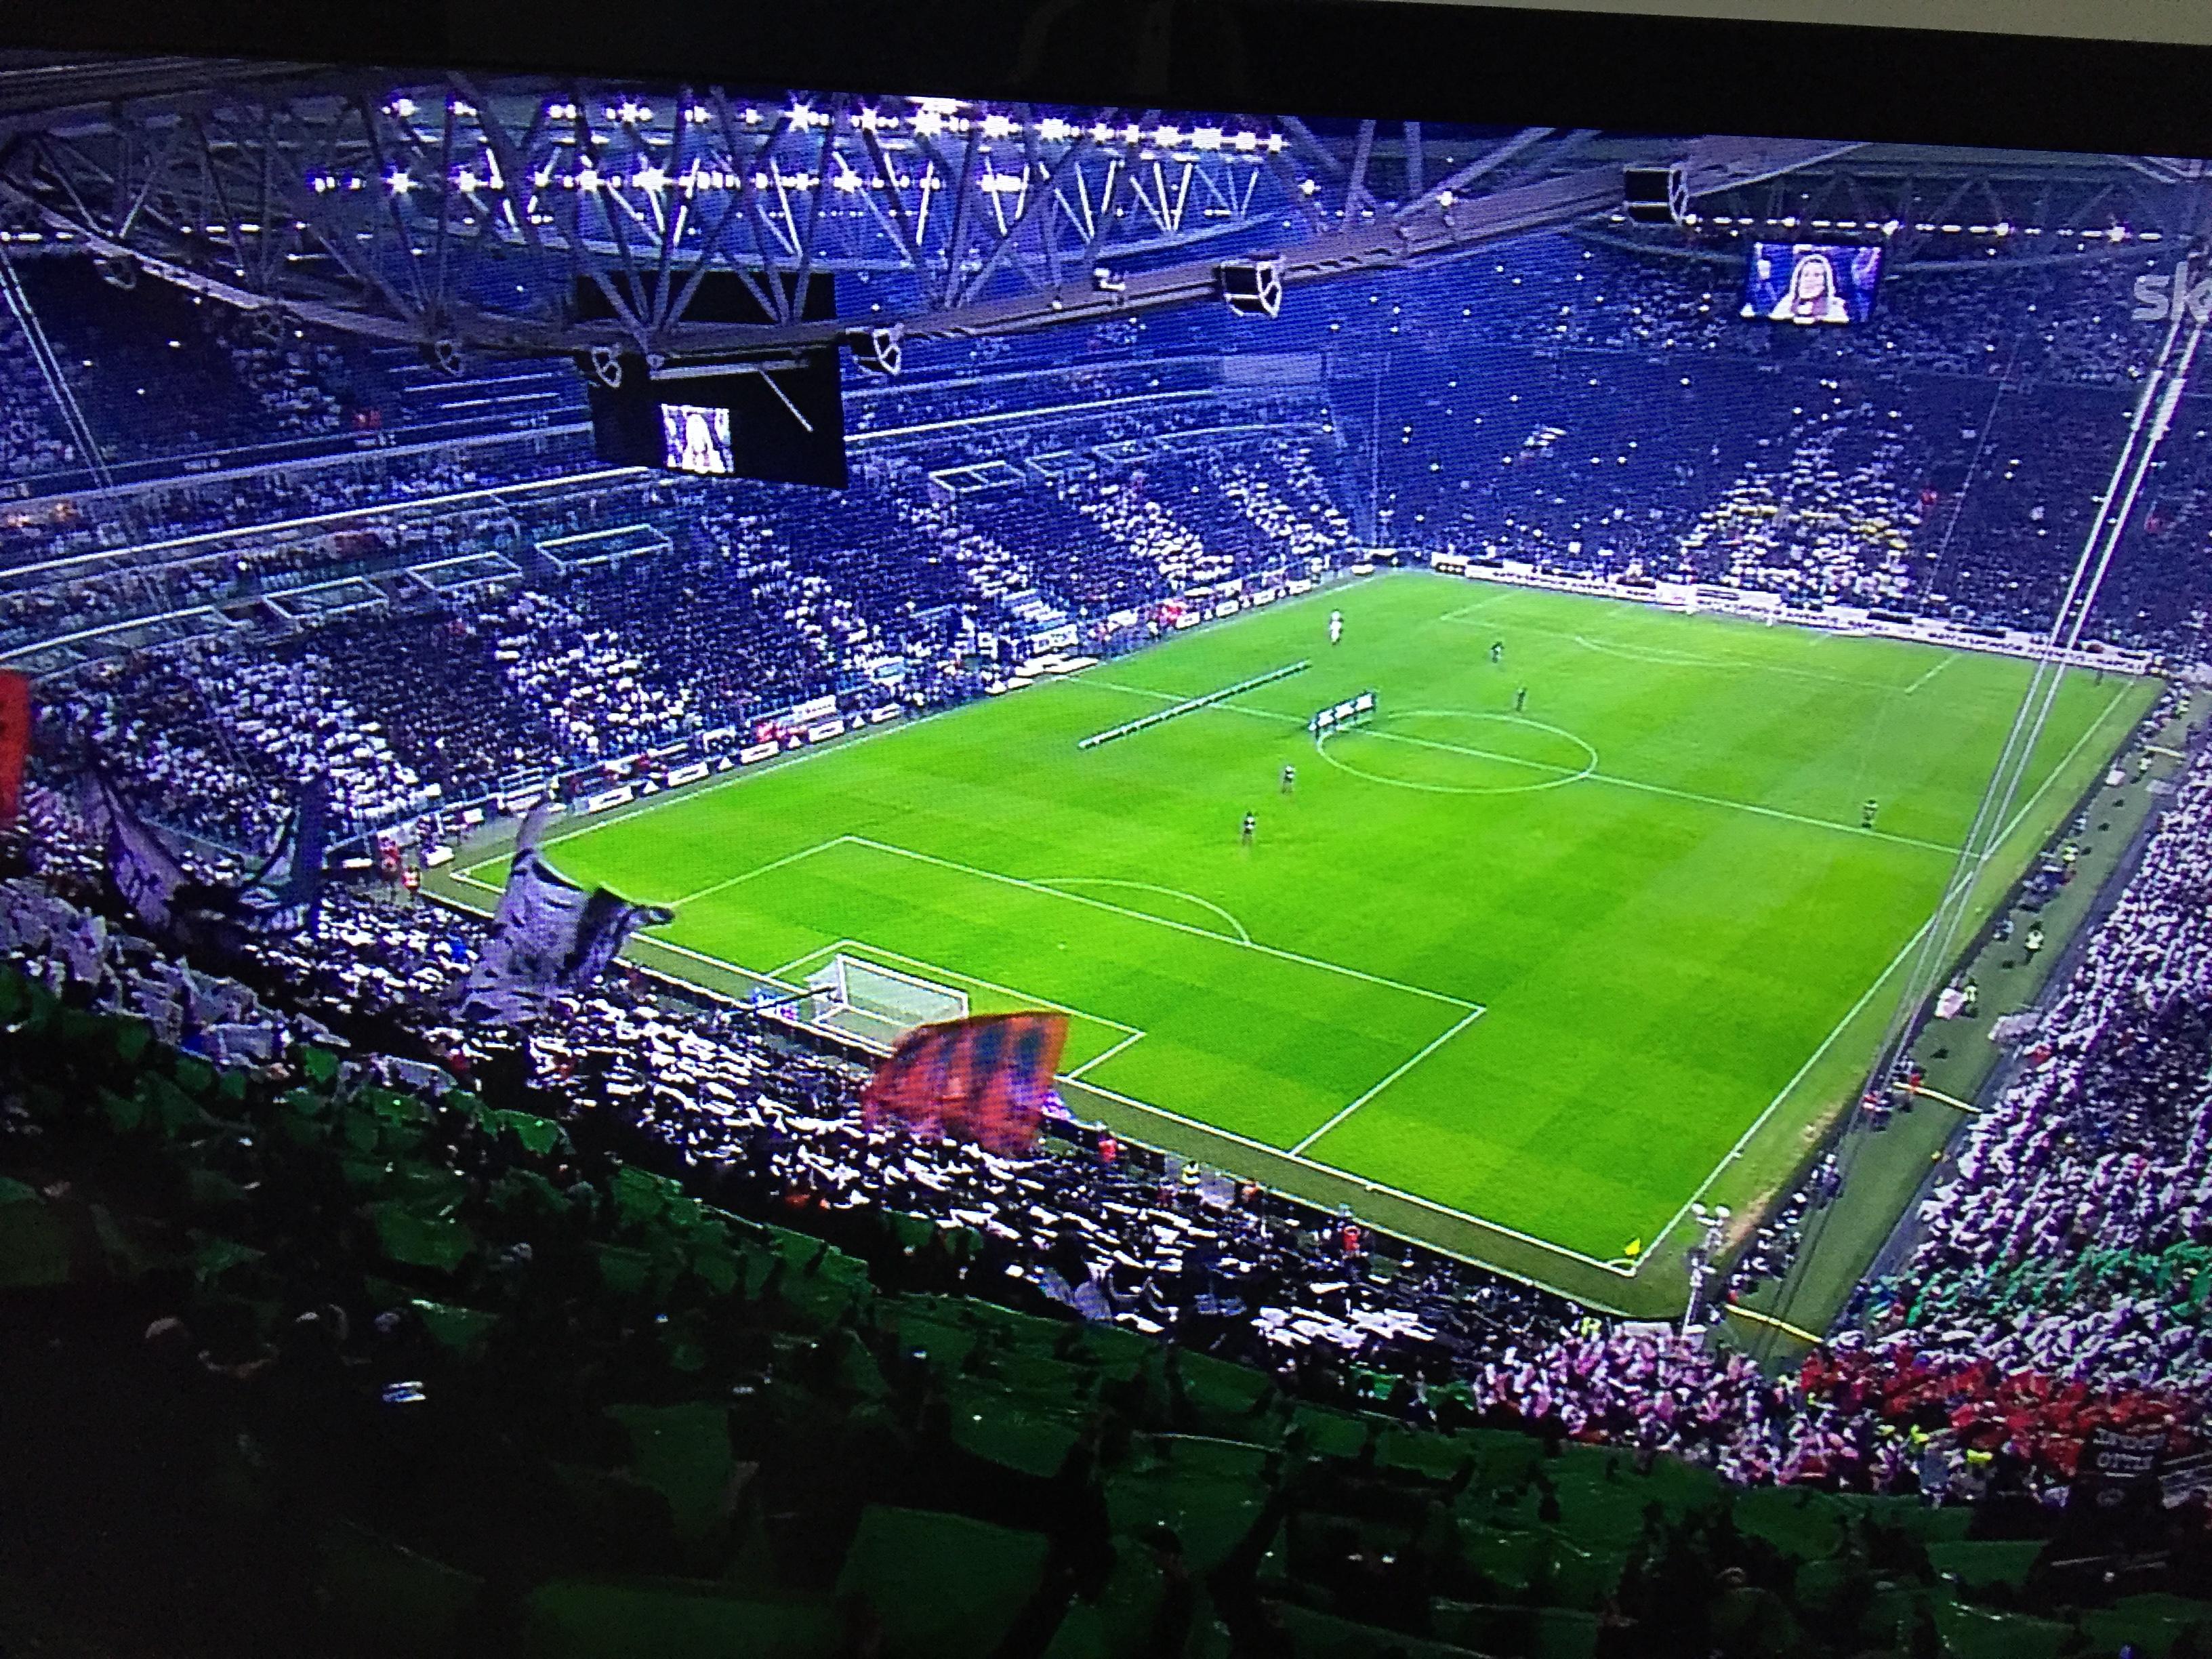 Juventus-Napoli, oggi l'Osservatorio decide se aprire il settore ospiti